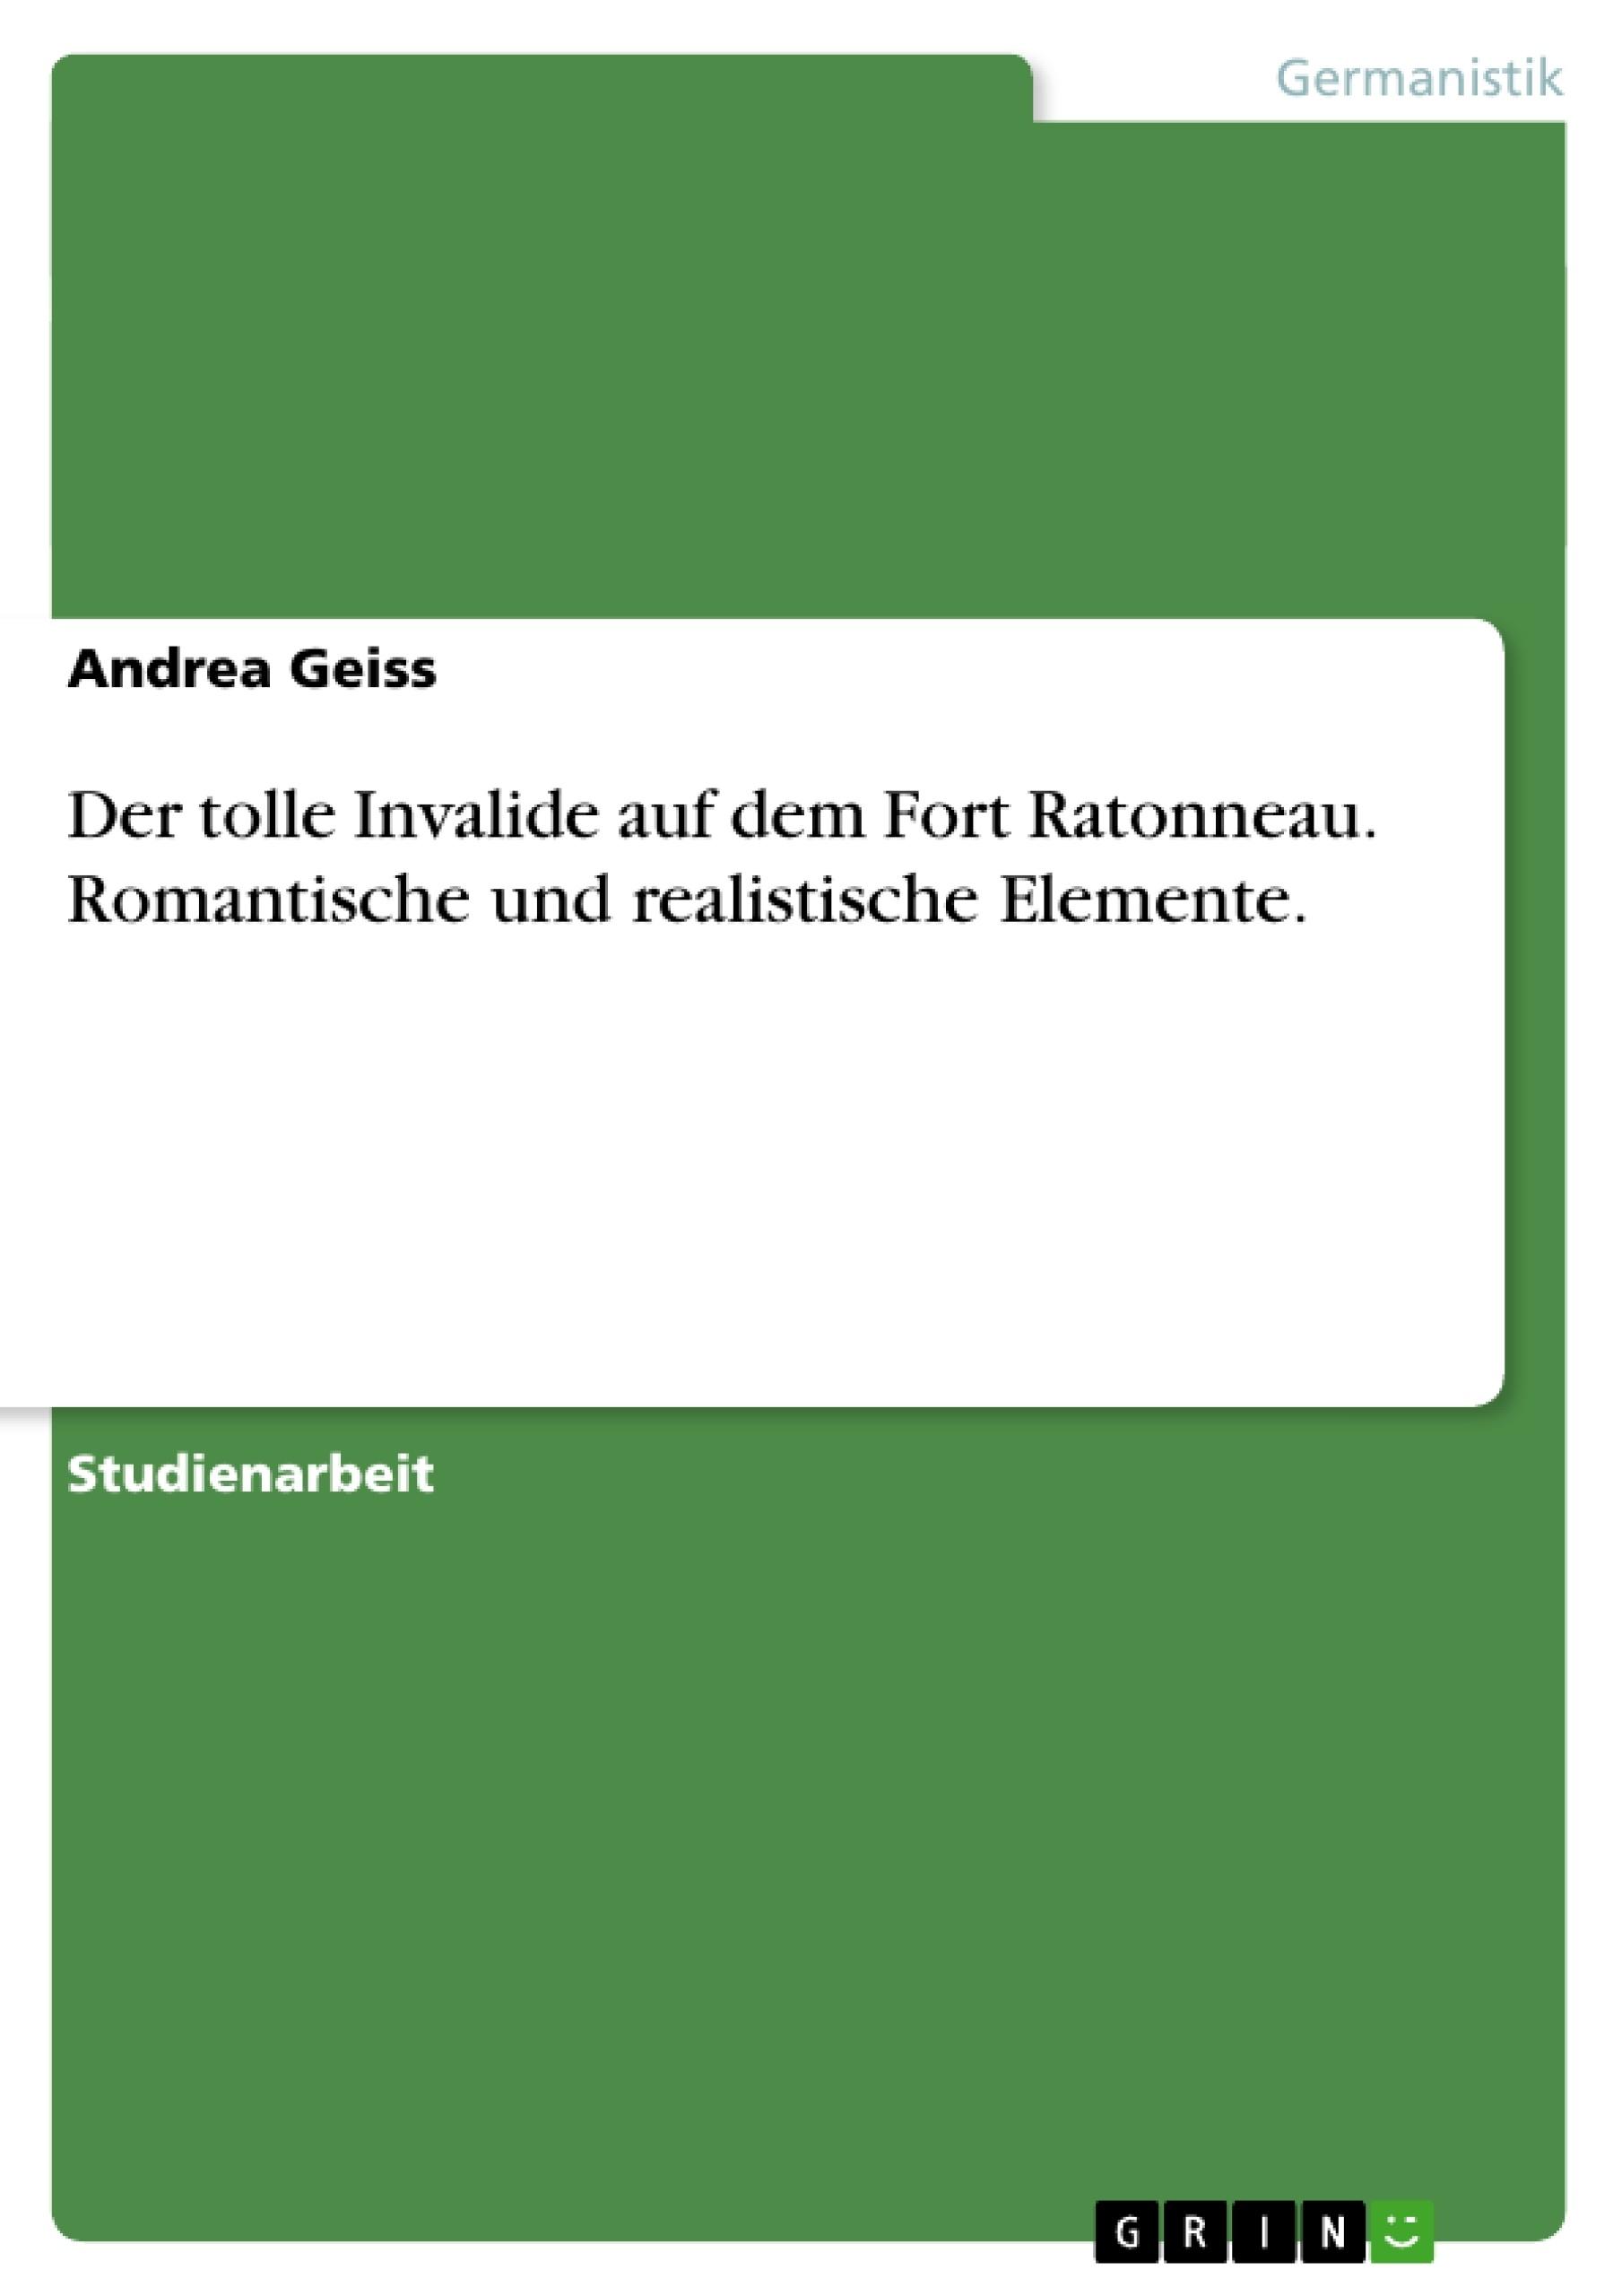 Titel: Der tolle Invalide auf dem Fort Ratonneau. Romantische und realistische Elemente.